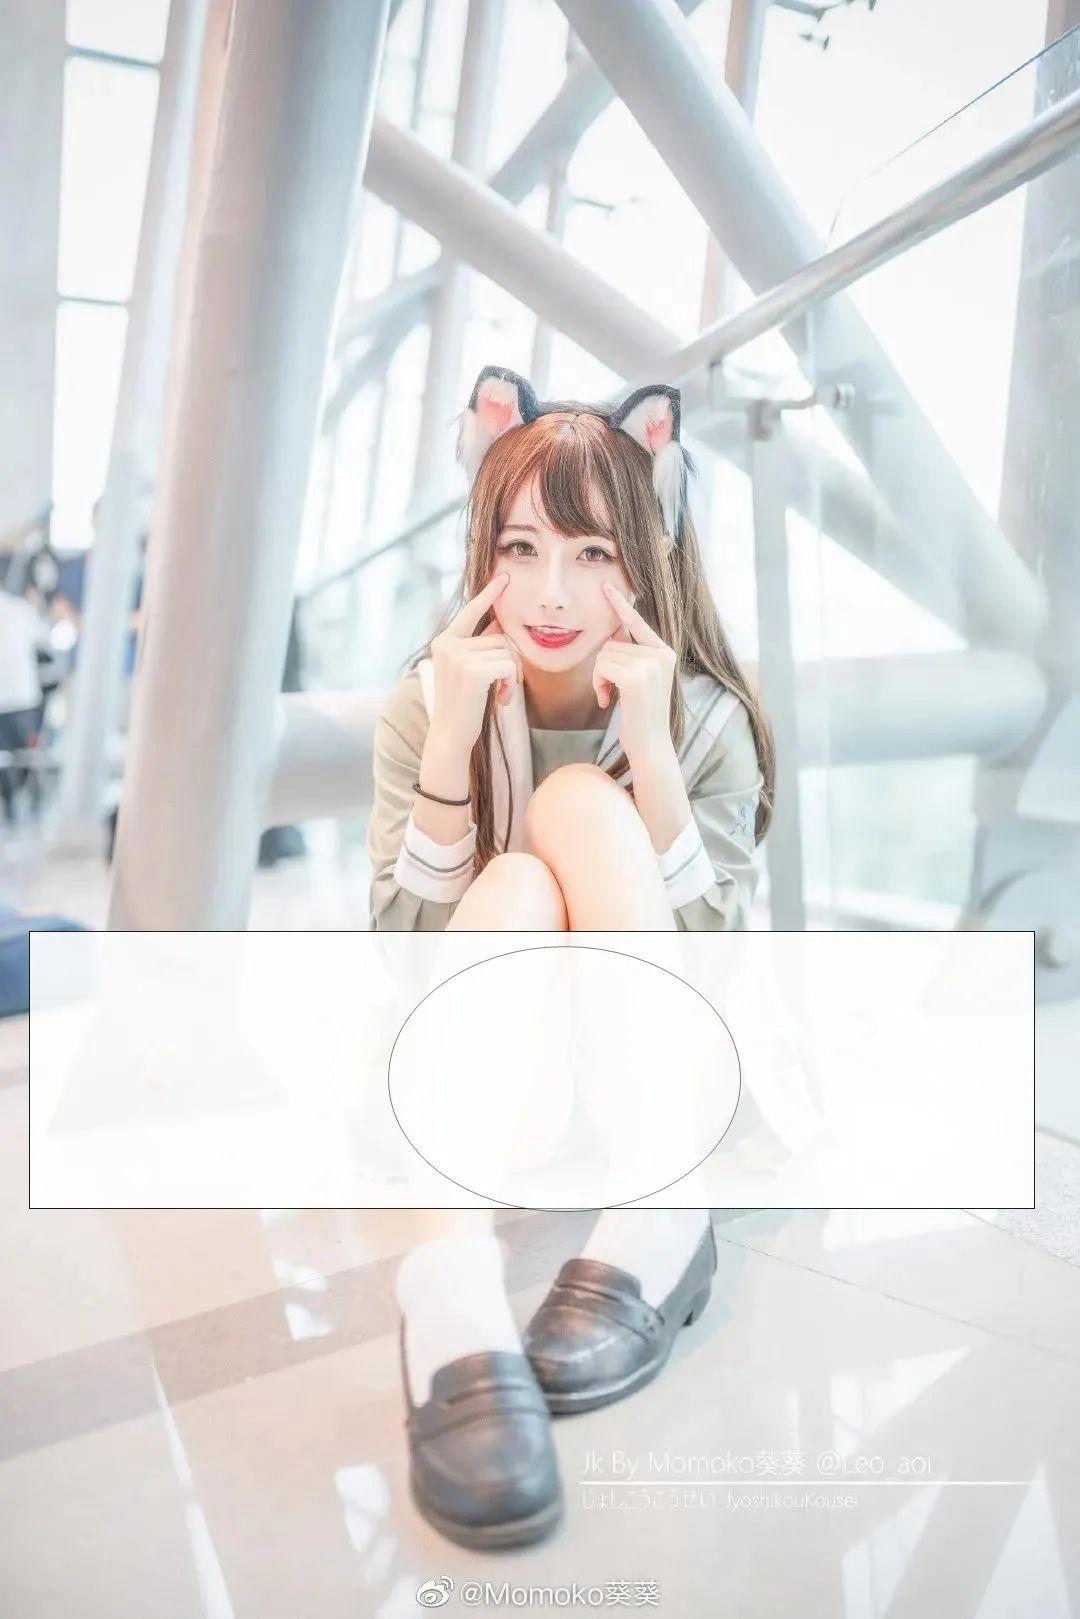 妹子摄影 – 猫耳JK制服美腿控少女@@Momoko葵葵_图片 No.7